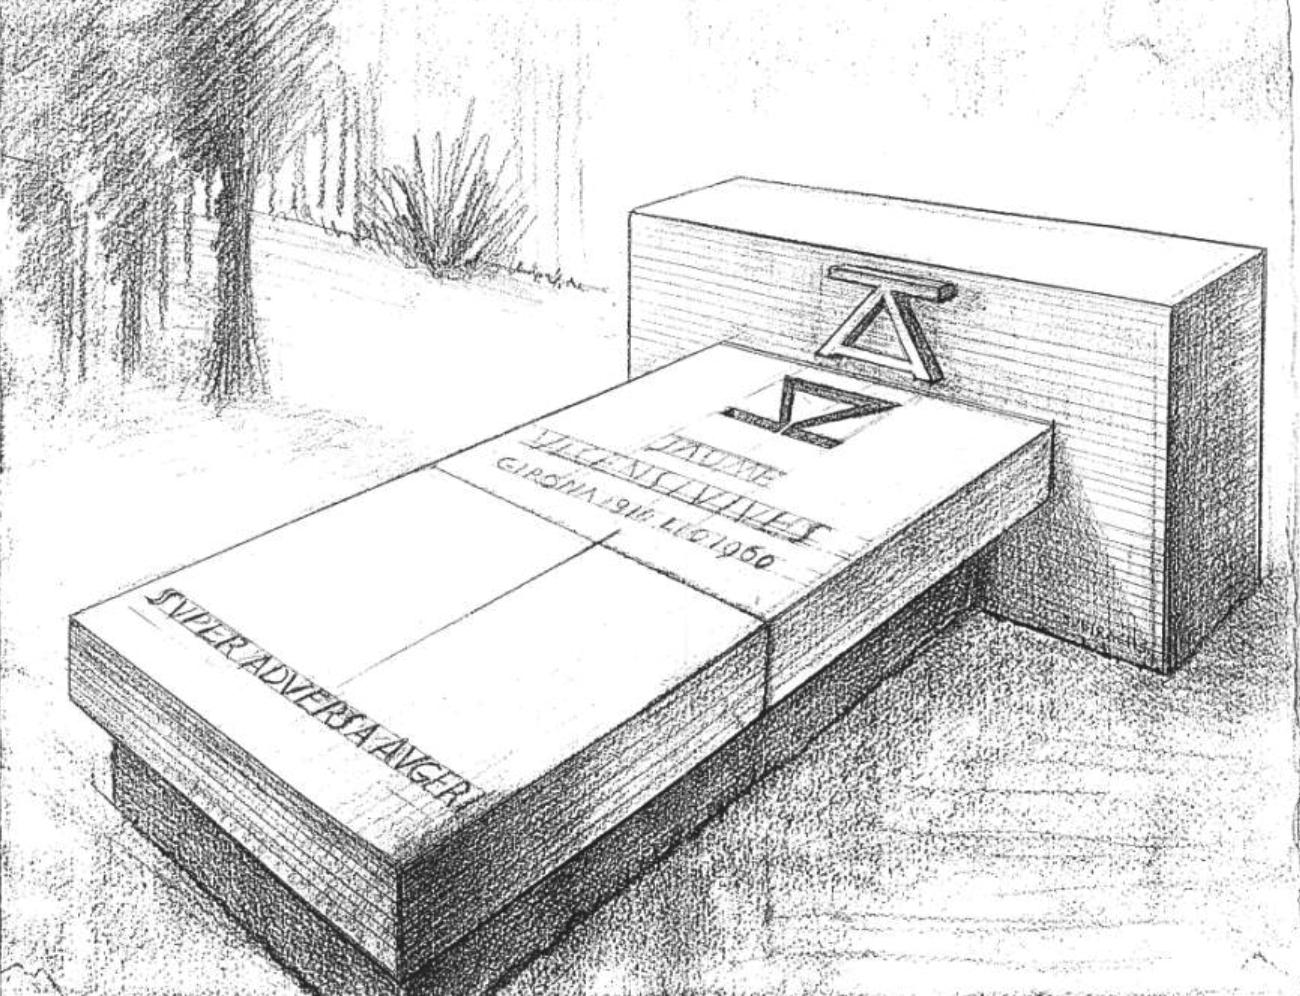 La inauguració de la tomba de Jaume Vicens Vives a Roses centra el Document del Mes de l'AMR